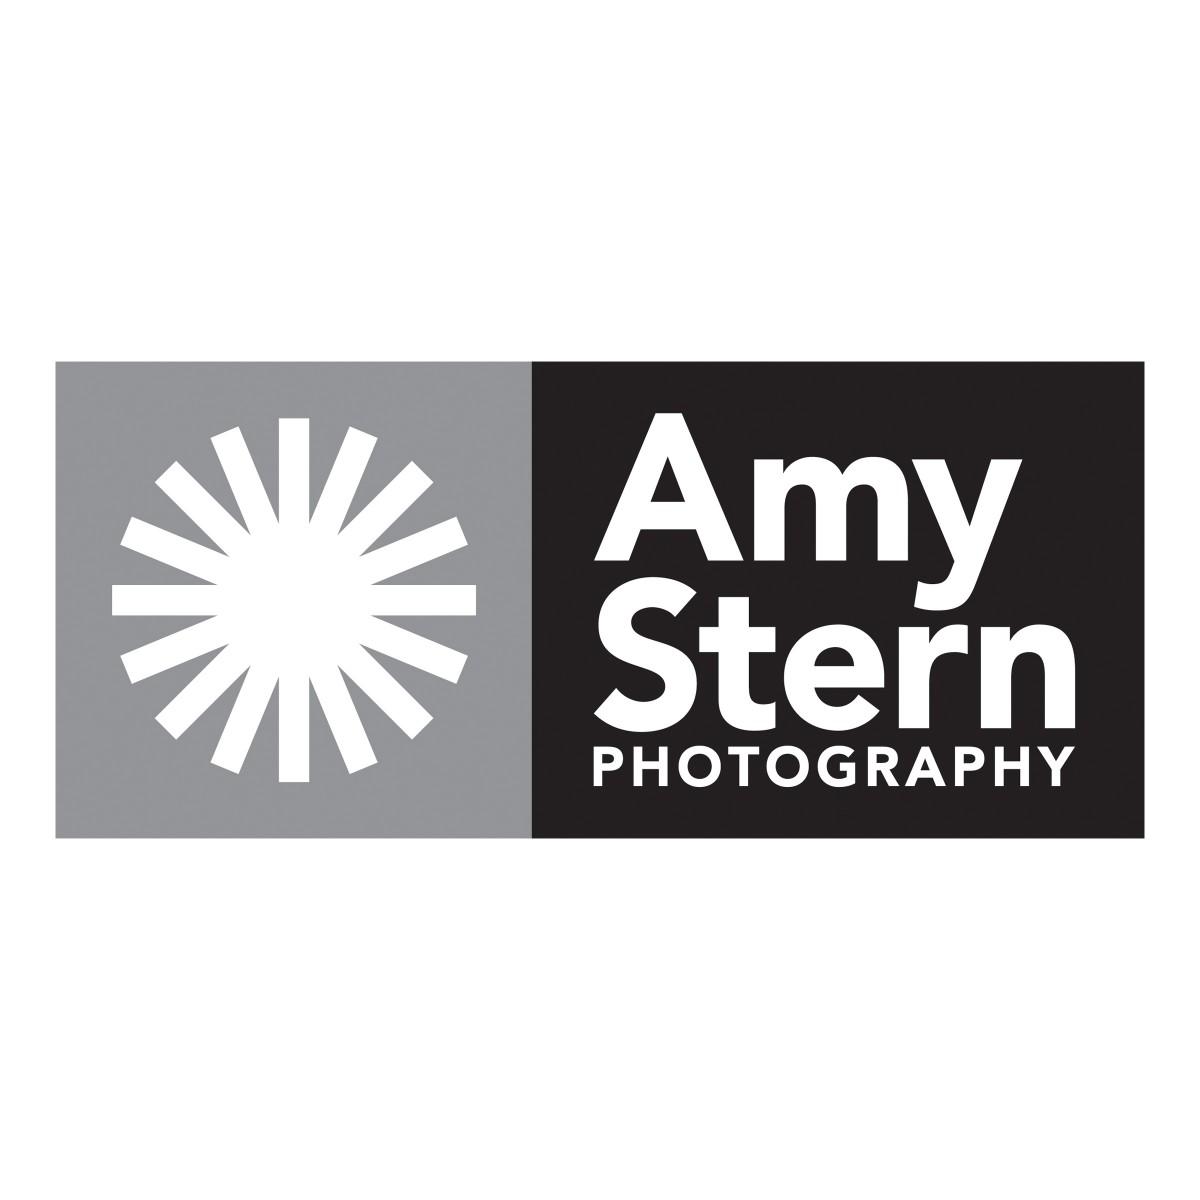 Amy Stern